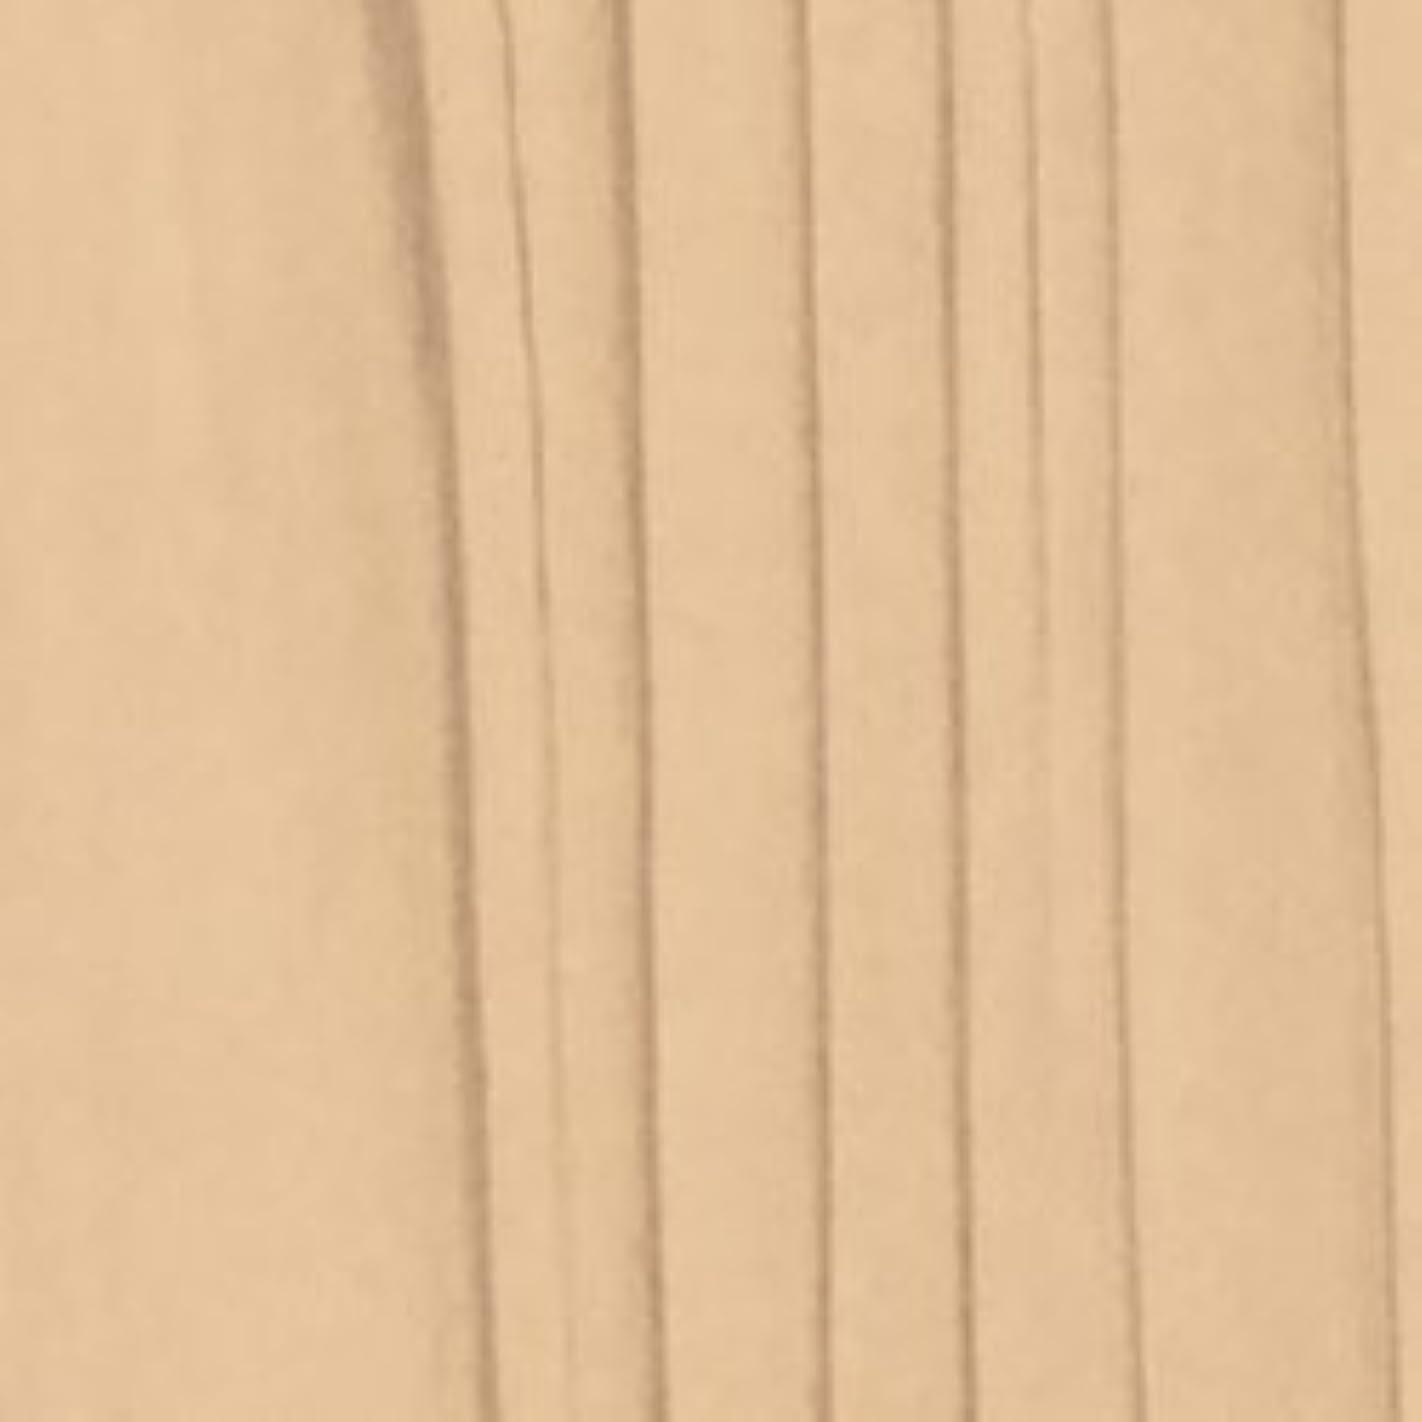 哀絶対の帰る耐摩耗化粧合板 アイカマーレスボードBB(木目) BB-2076H 4x8 シダー 追柾